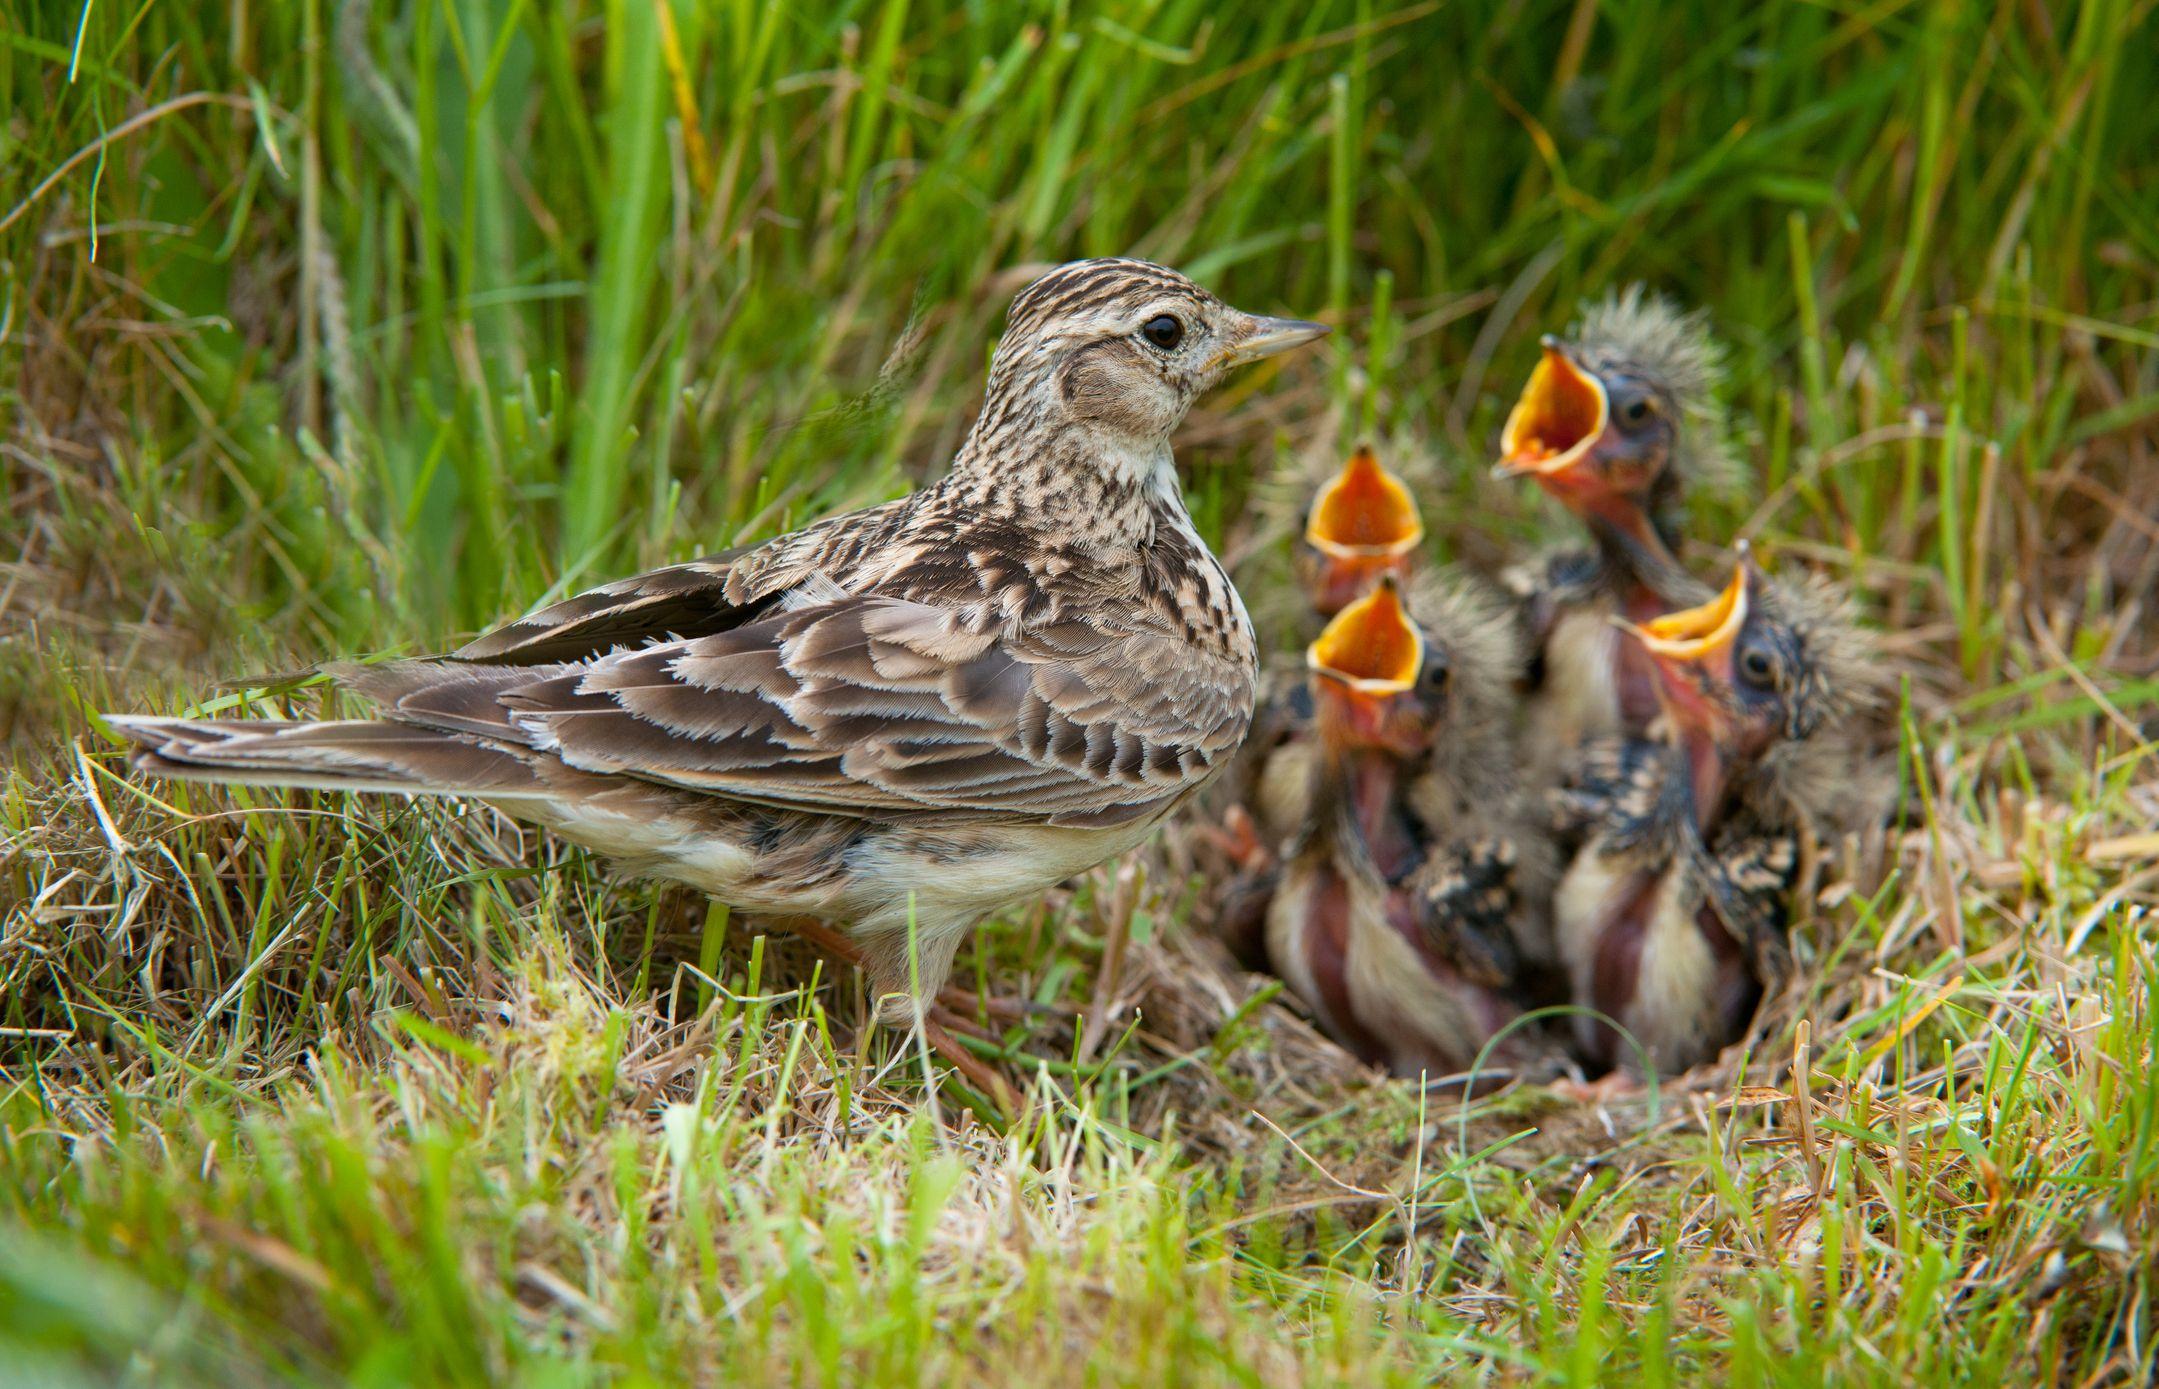 7 simple ways to help nesting birds in your garden